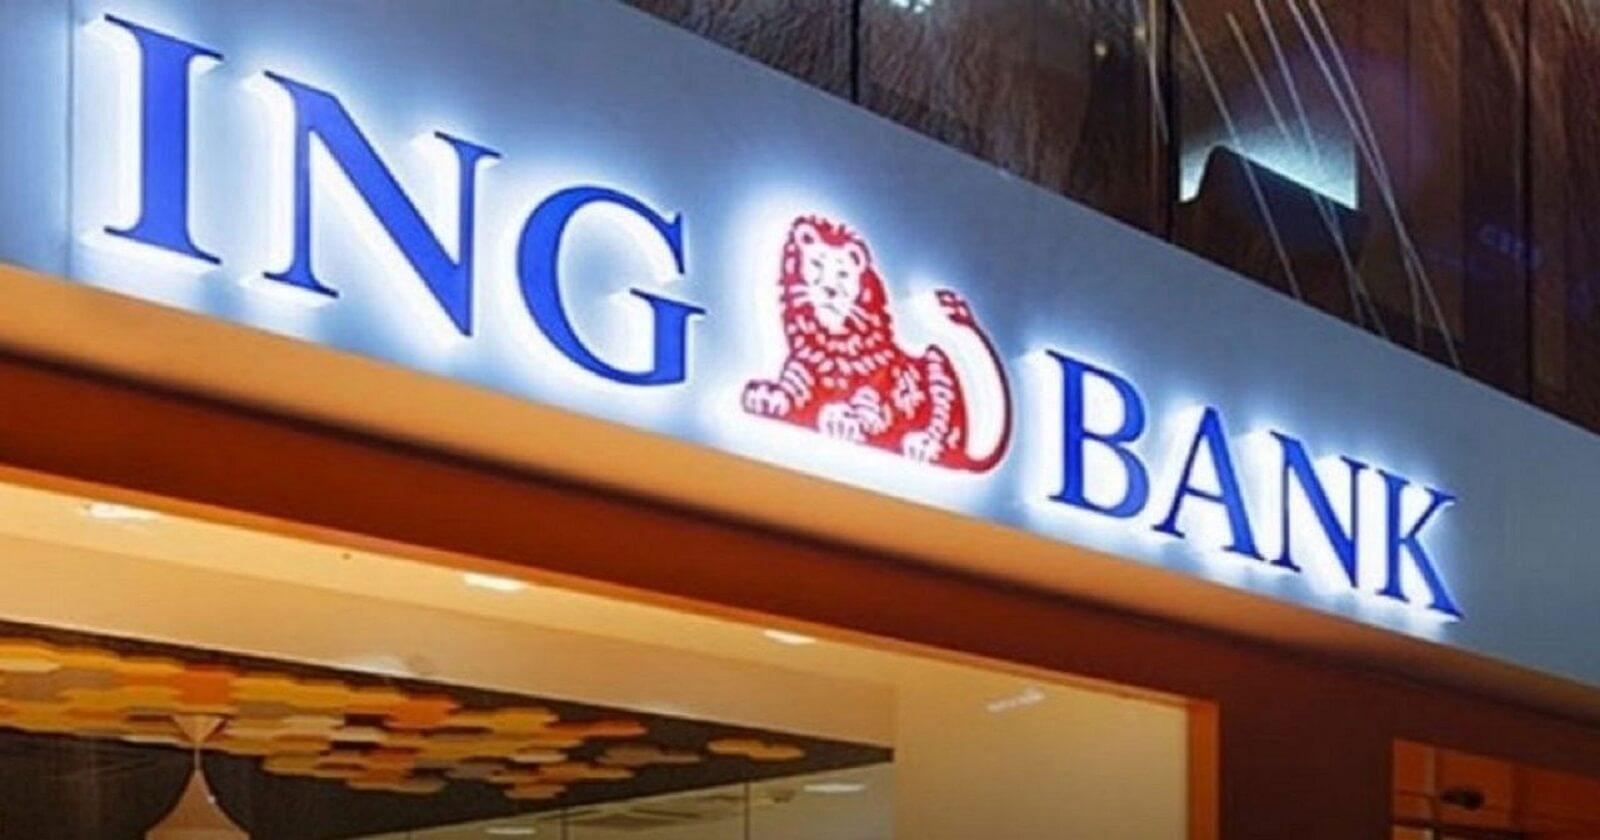 ING Bank Kredi Faiz Oranları Nedir